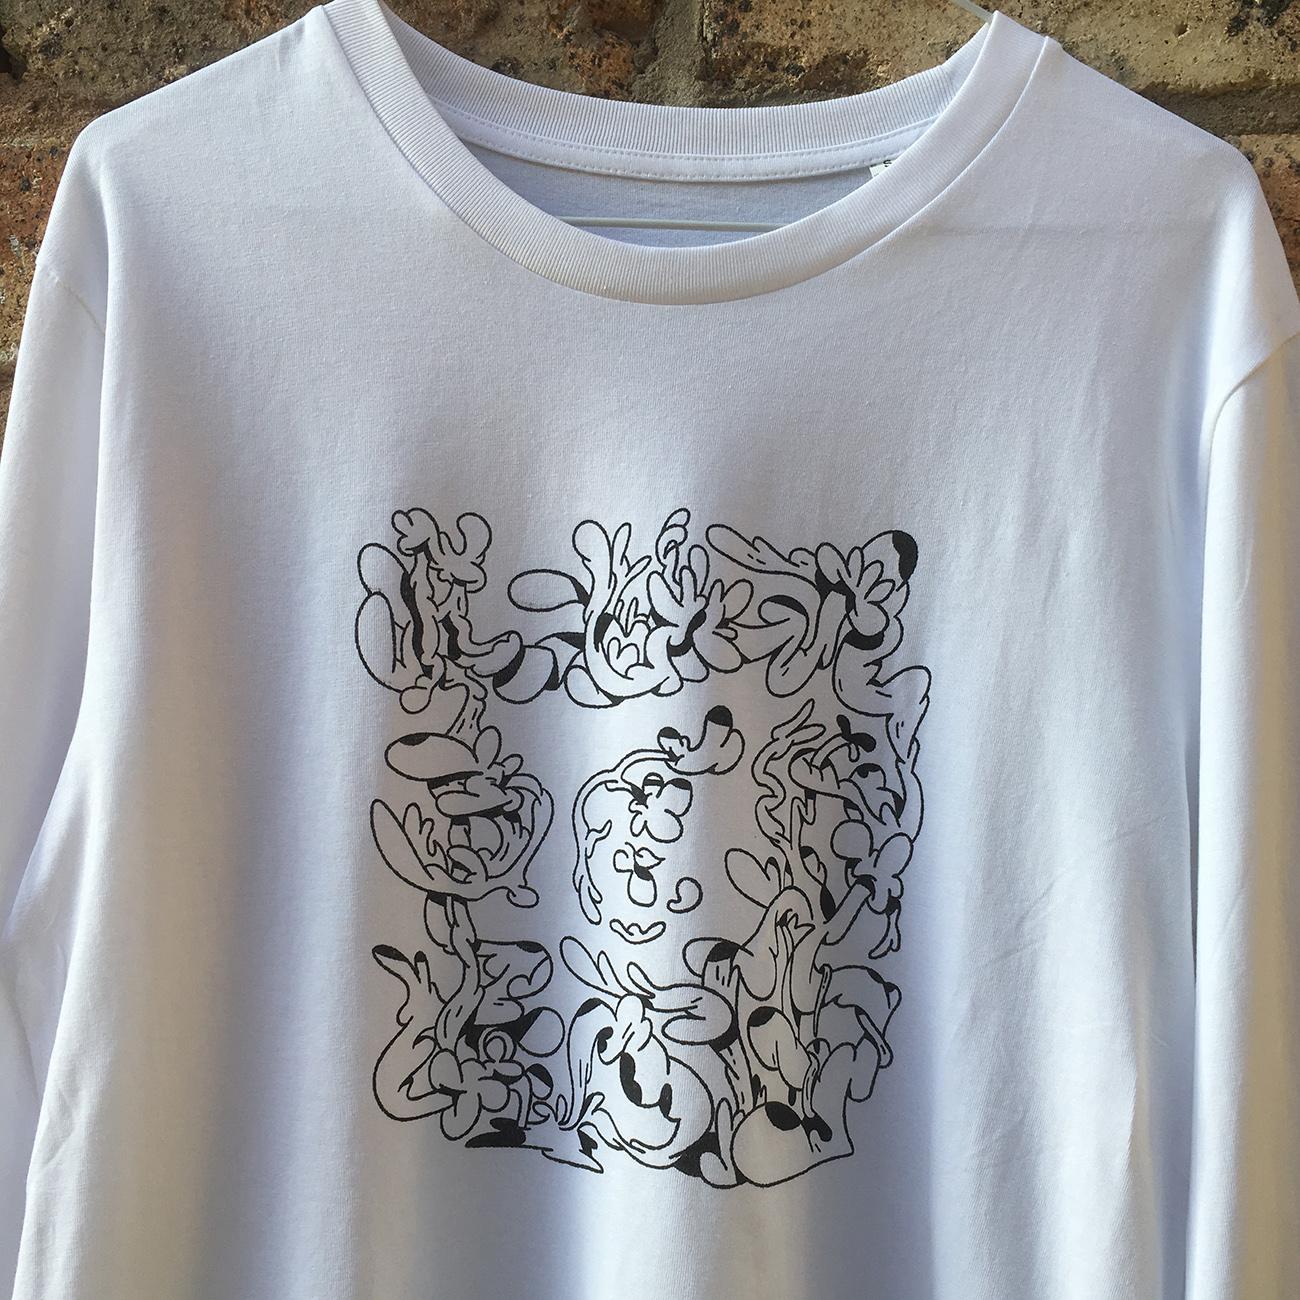 'Organic Matter' T-shirt by Matt Gow